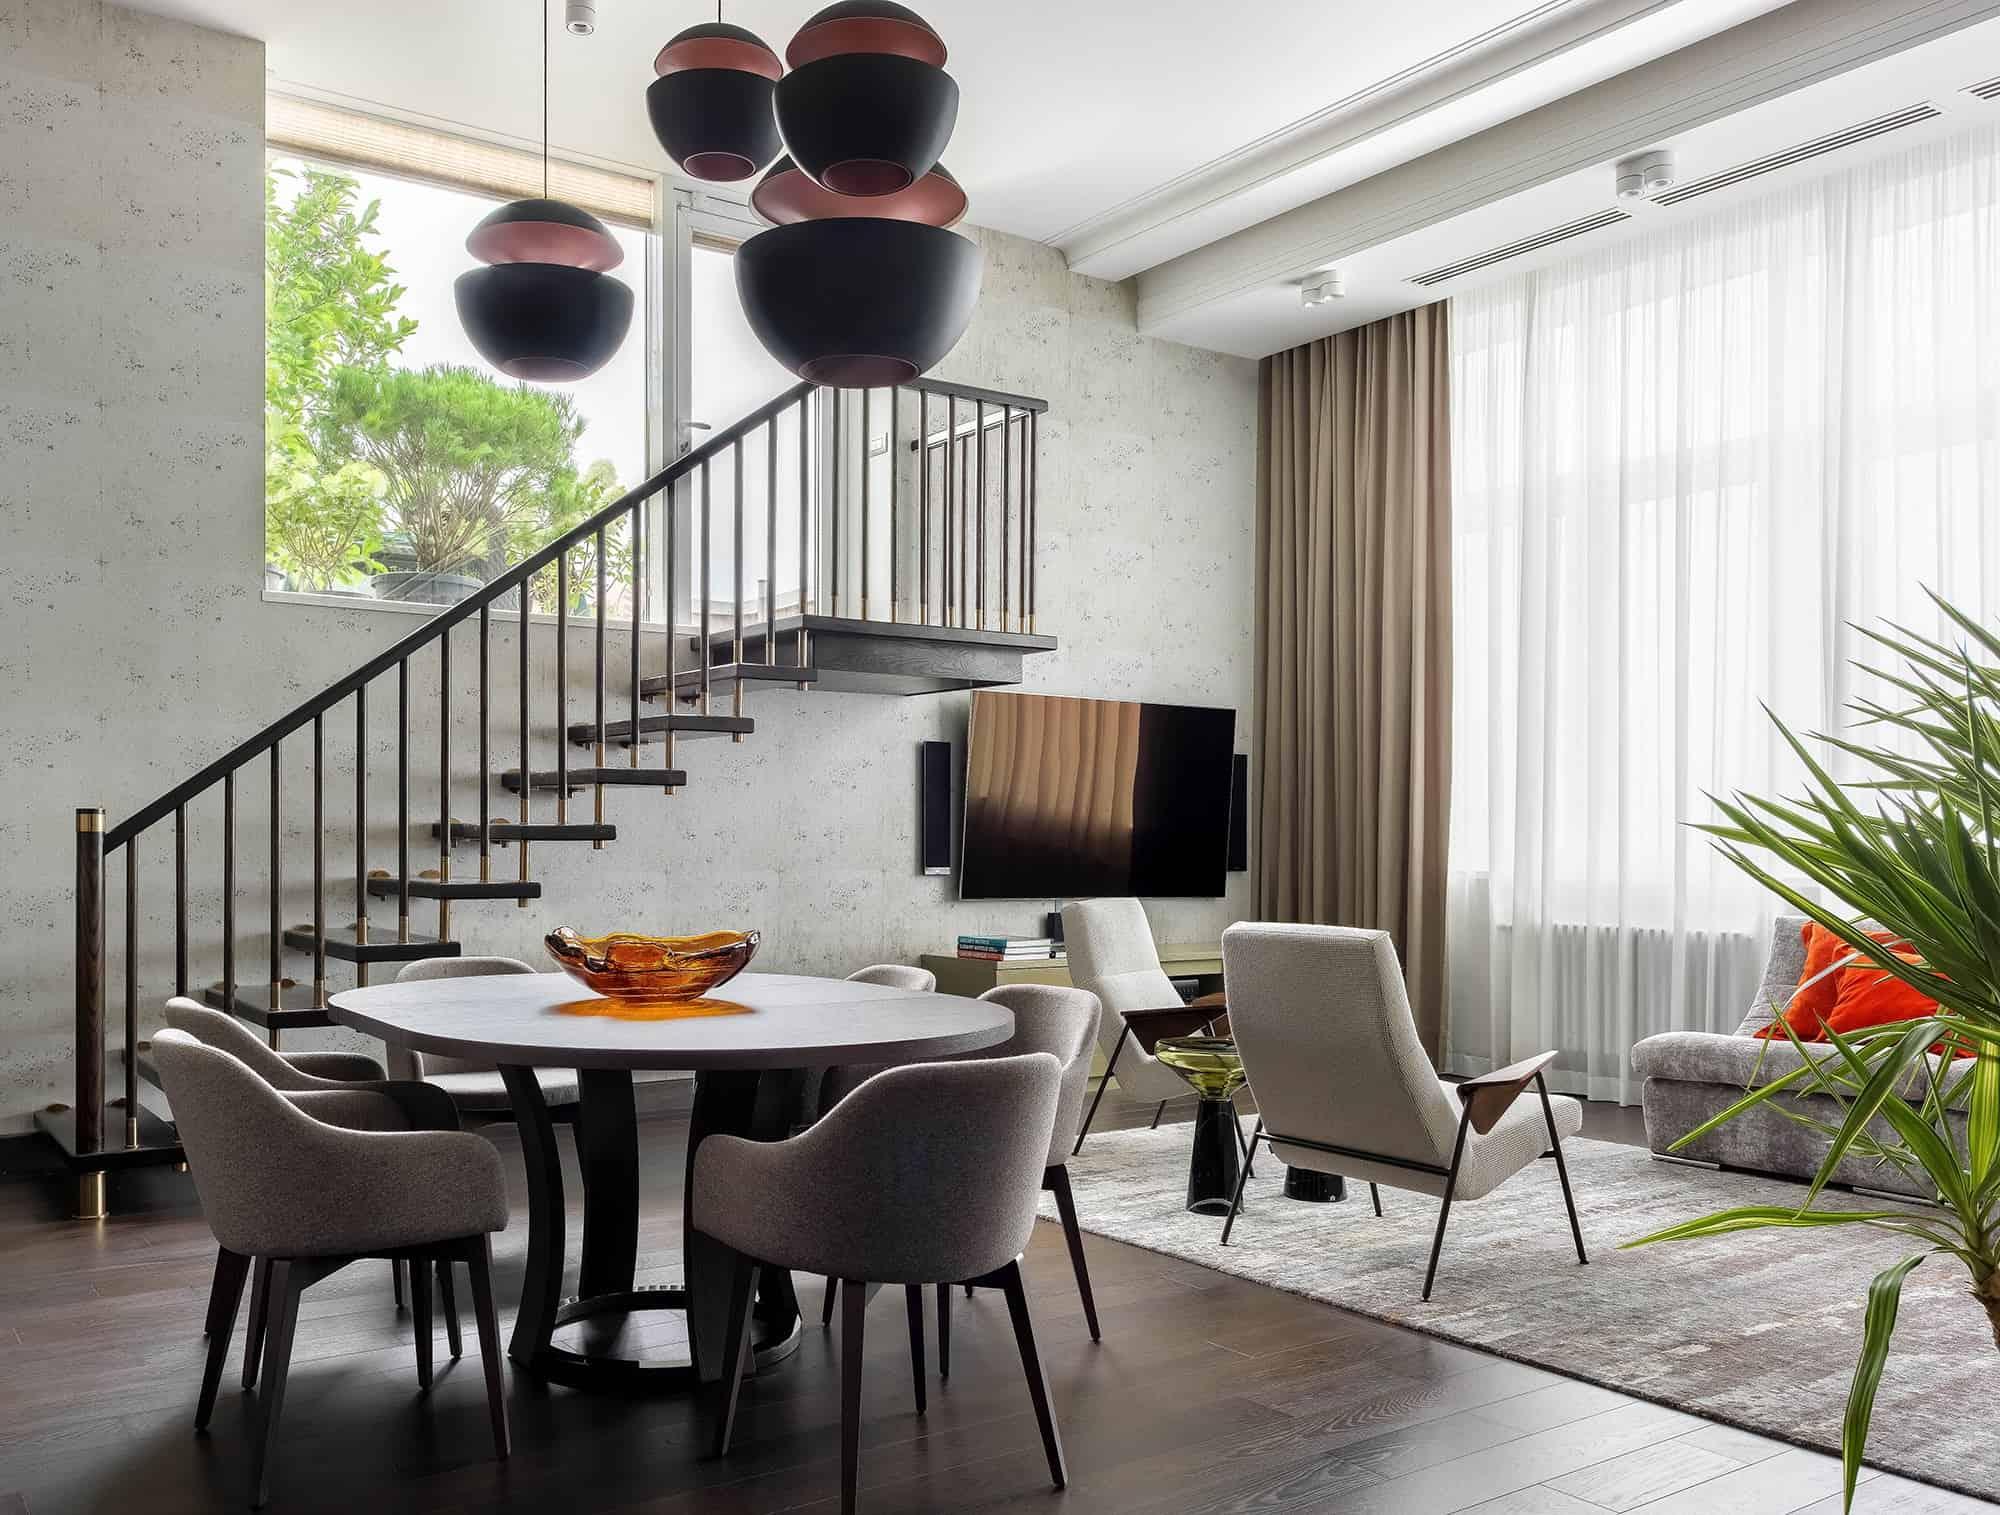 Modern interior 2019: High-tech design